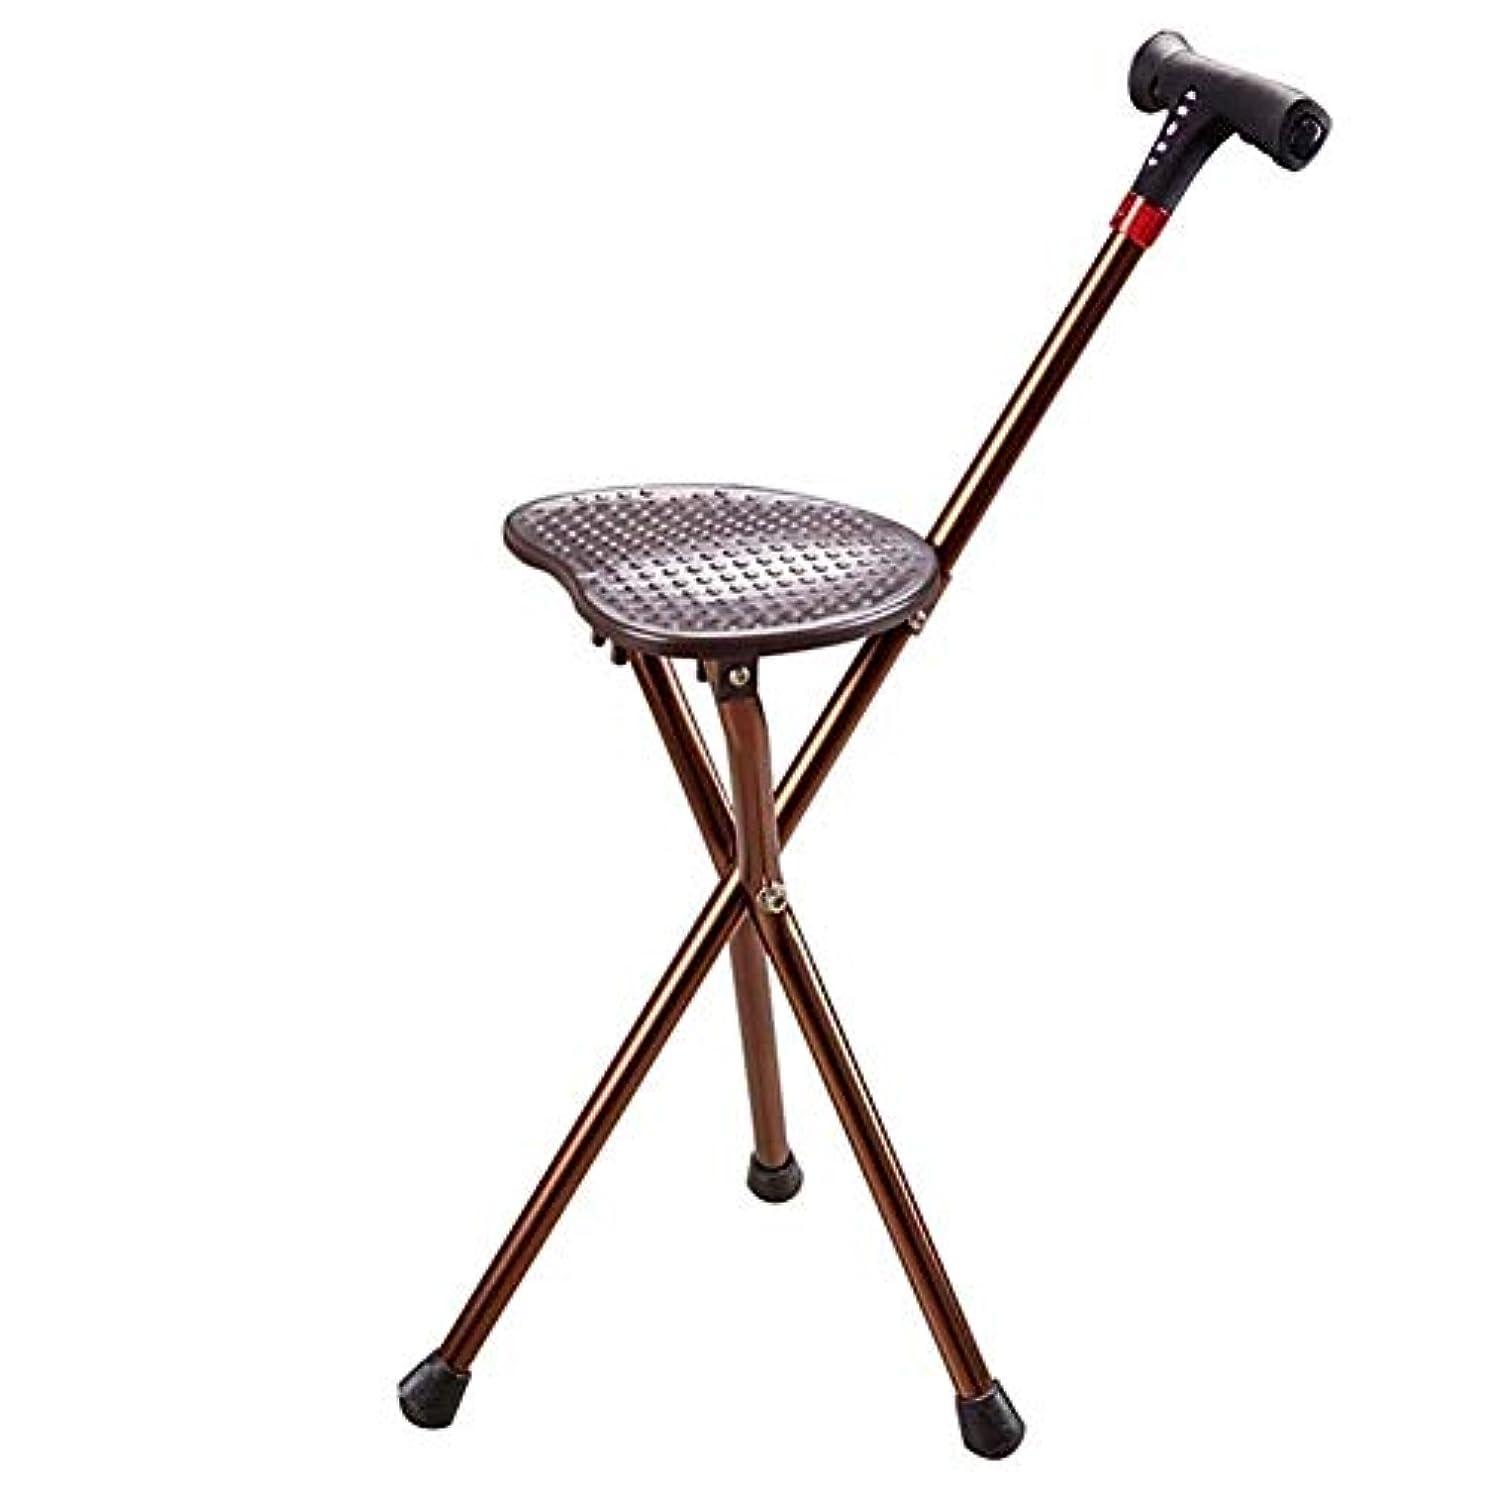 栄光の尊敬非アクティブ軽量で調節可能な高さの杖席、MP3プレイ用の多機能松葉杖、高デシベルアラームなど。